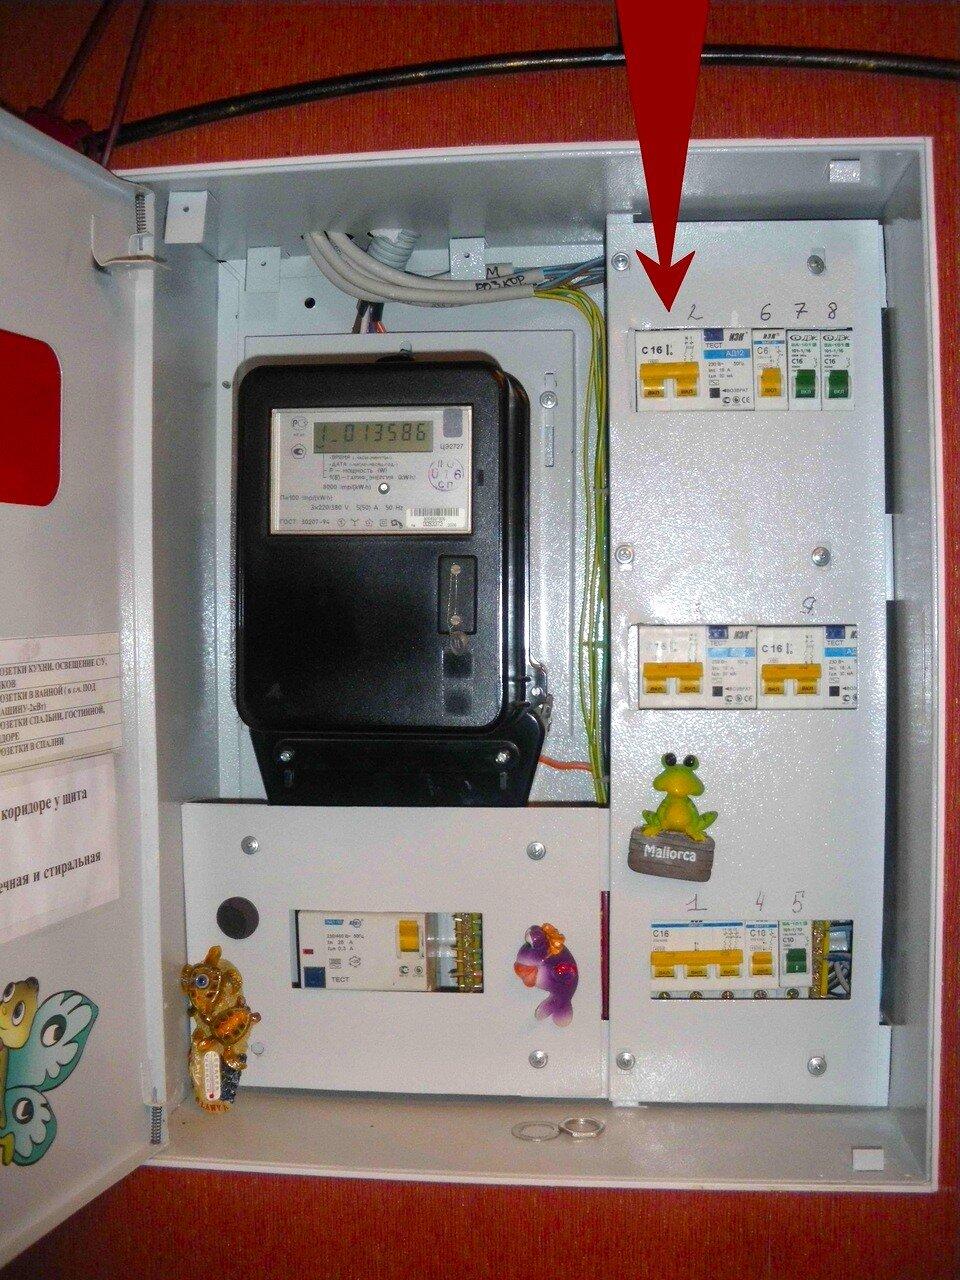 Фото 1. Квартирный щиток. Тёмно-красной стрелкой указан дифференциальный автомат, отключивший электроснабжение квартиры.